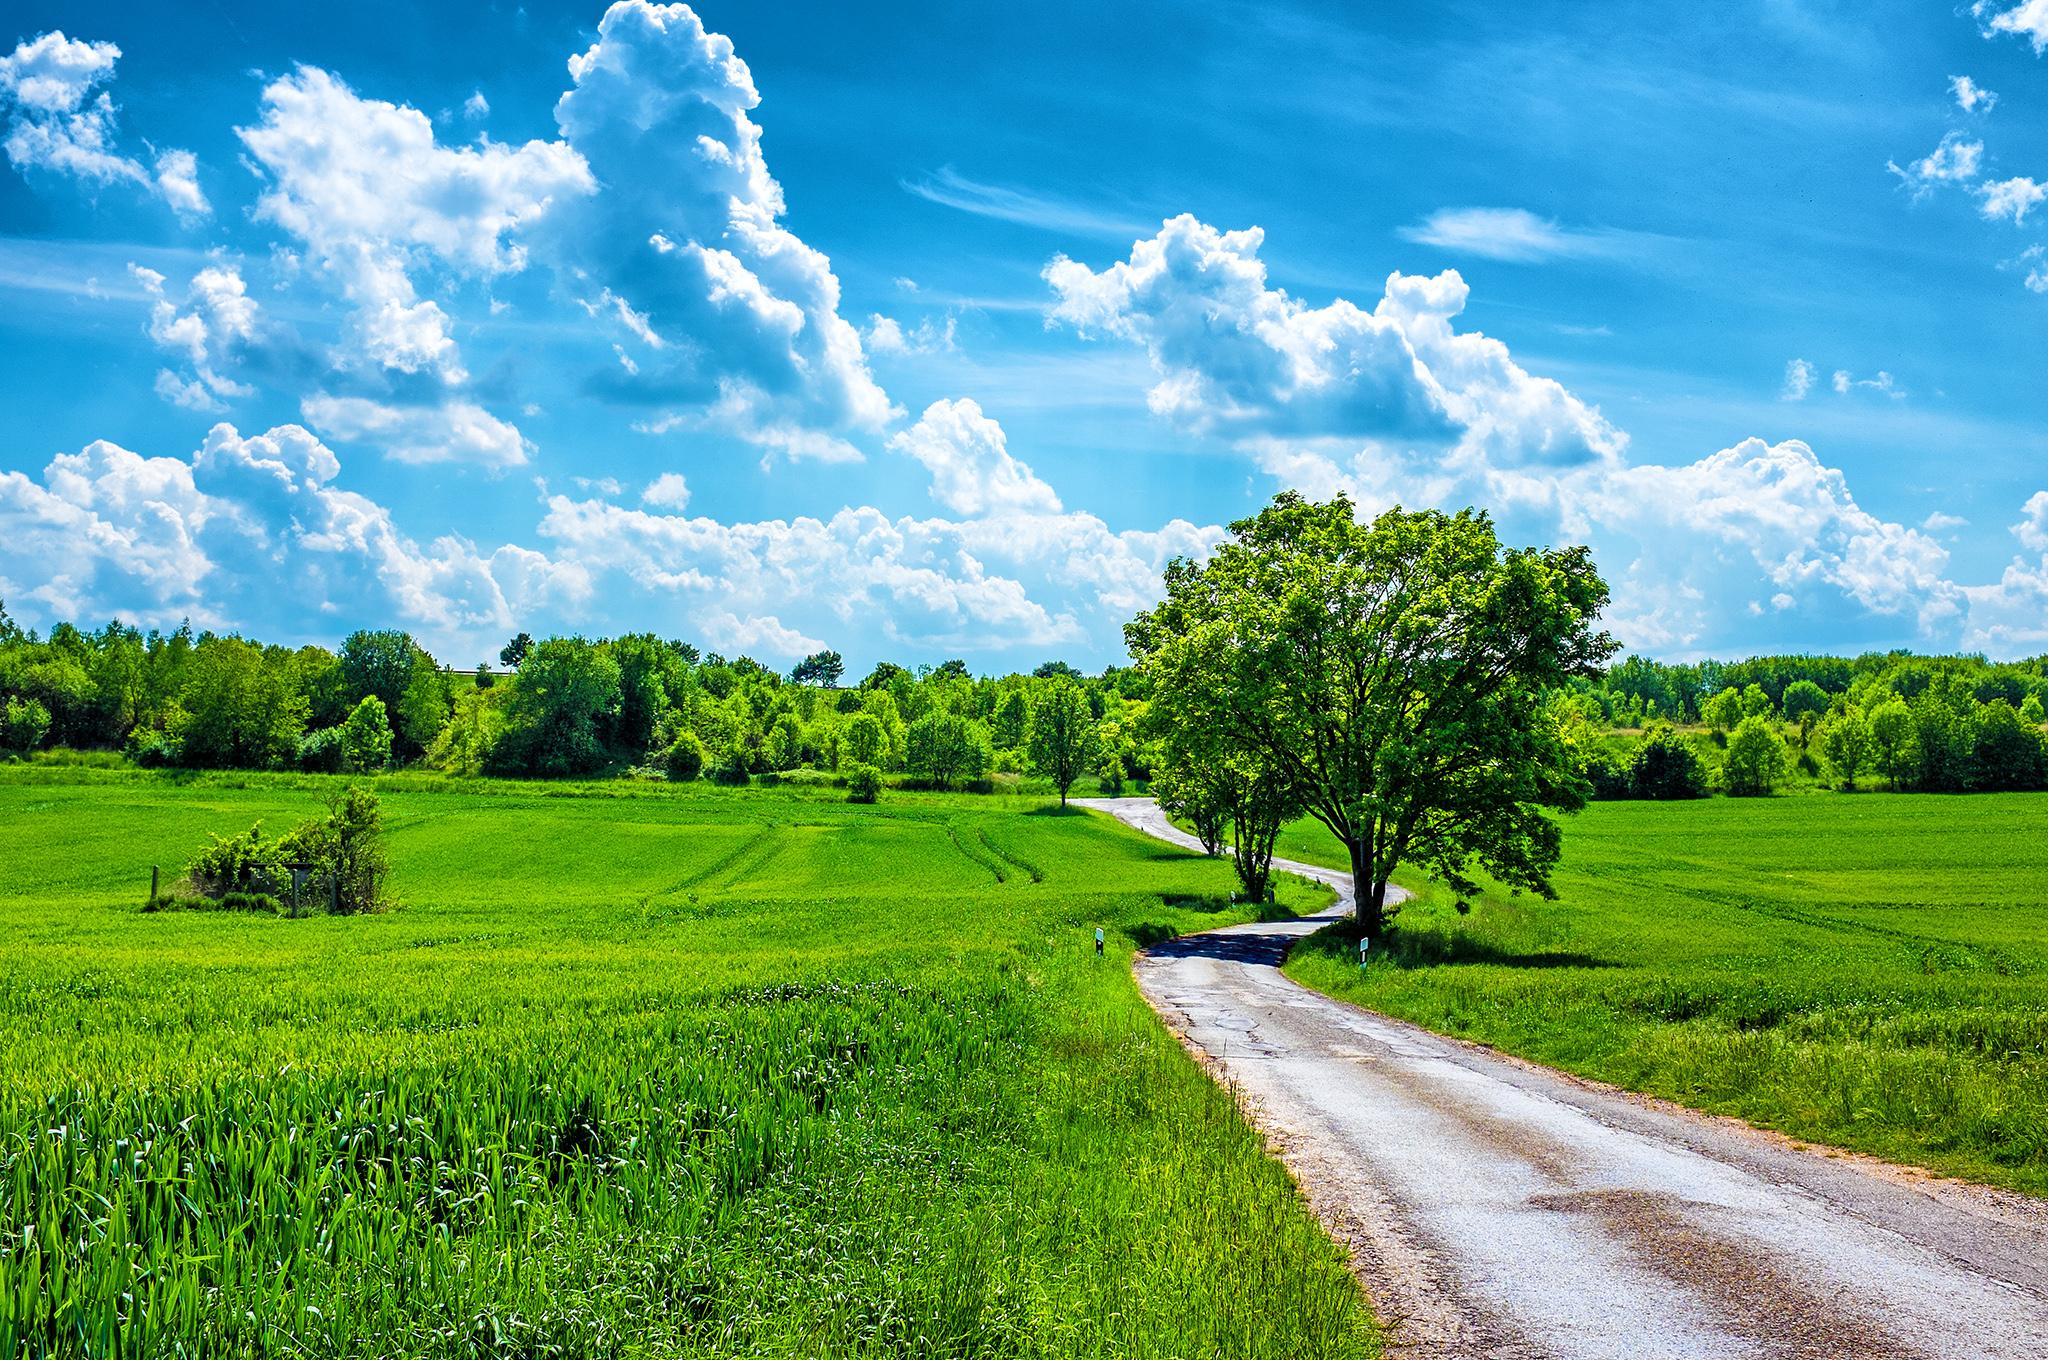 Картинки поздравление, картинки летний пейзаж красивые